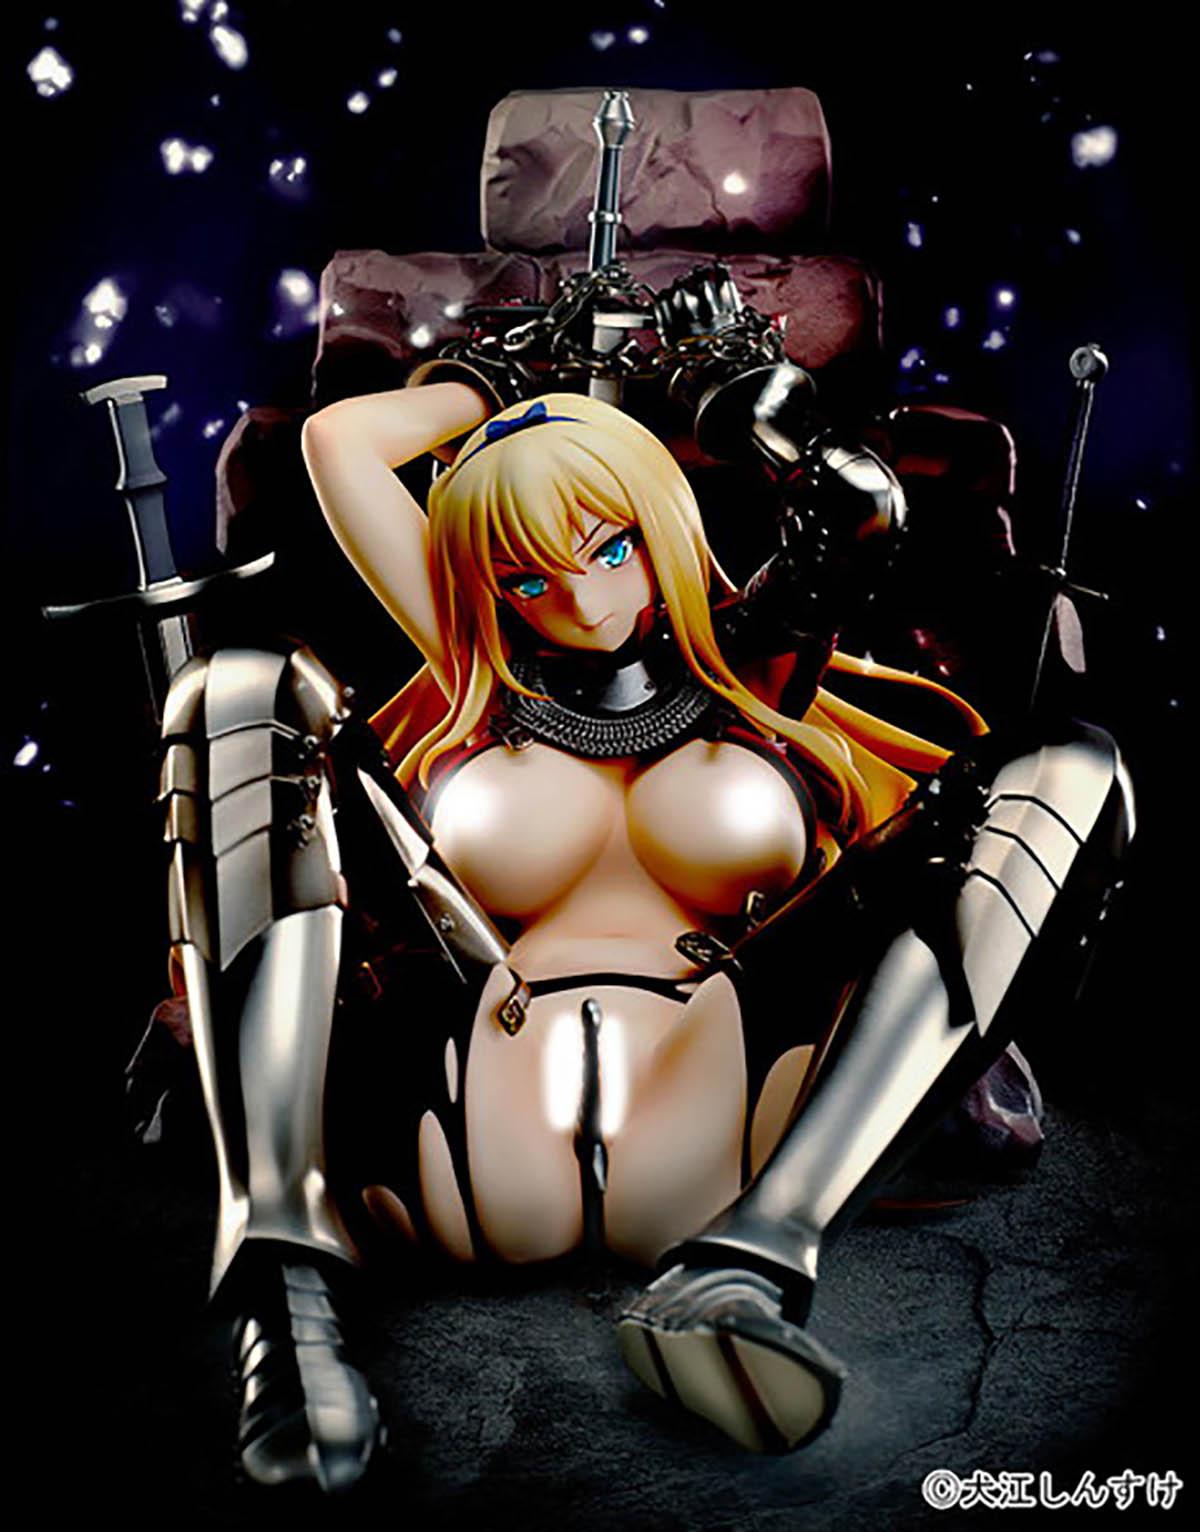 【限定販売】犬江しんすけオリジナルキャラクター『女騎士ヴァレリー』1/5.5 完成品フィギュア-008